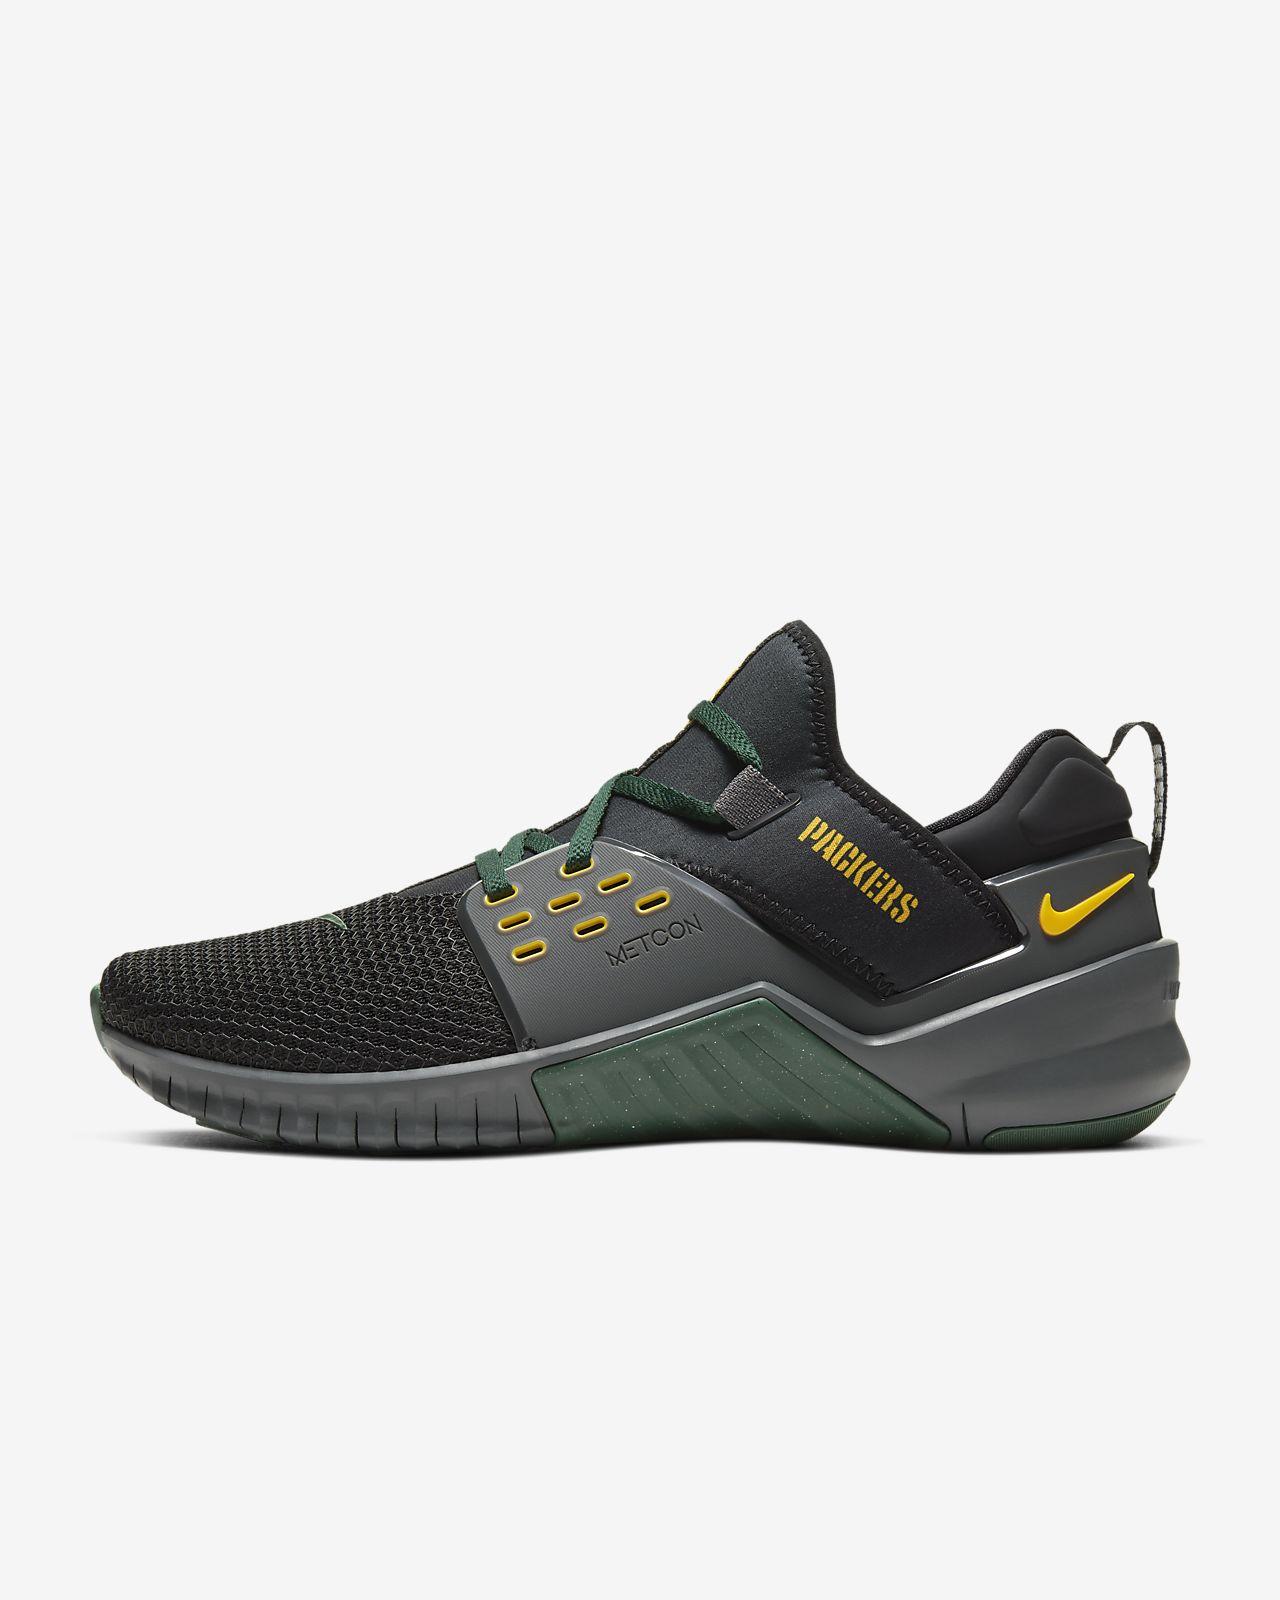 Nike Free X Metcon 2 (Green Bay Packers) Men's Training Shoe